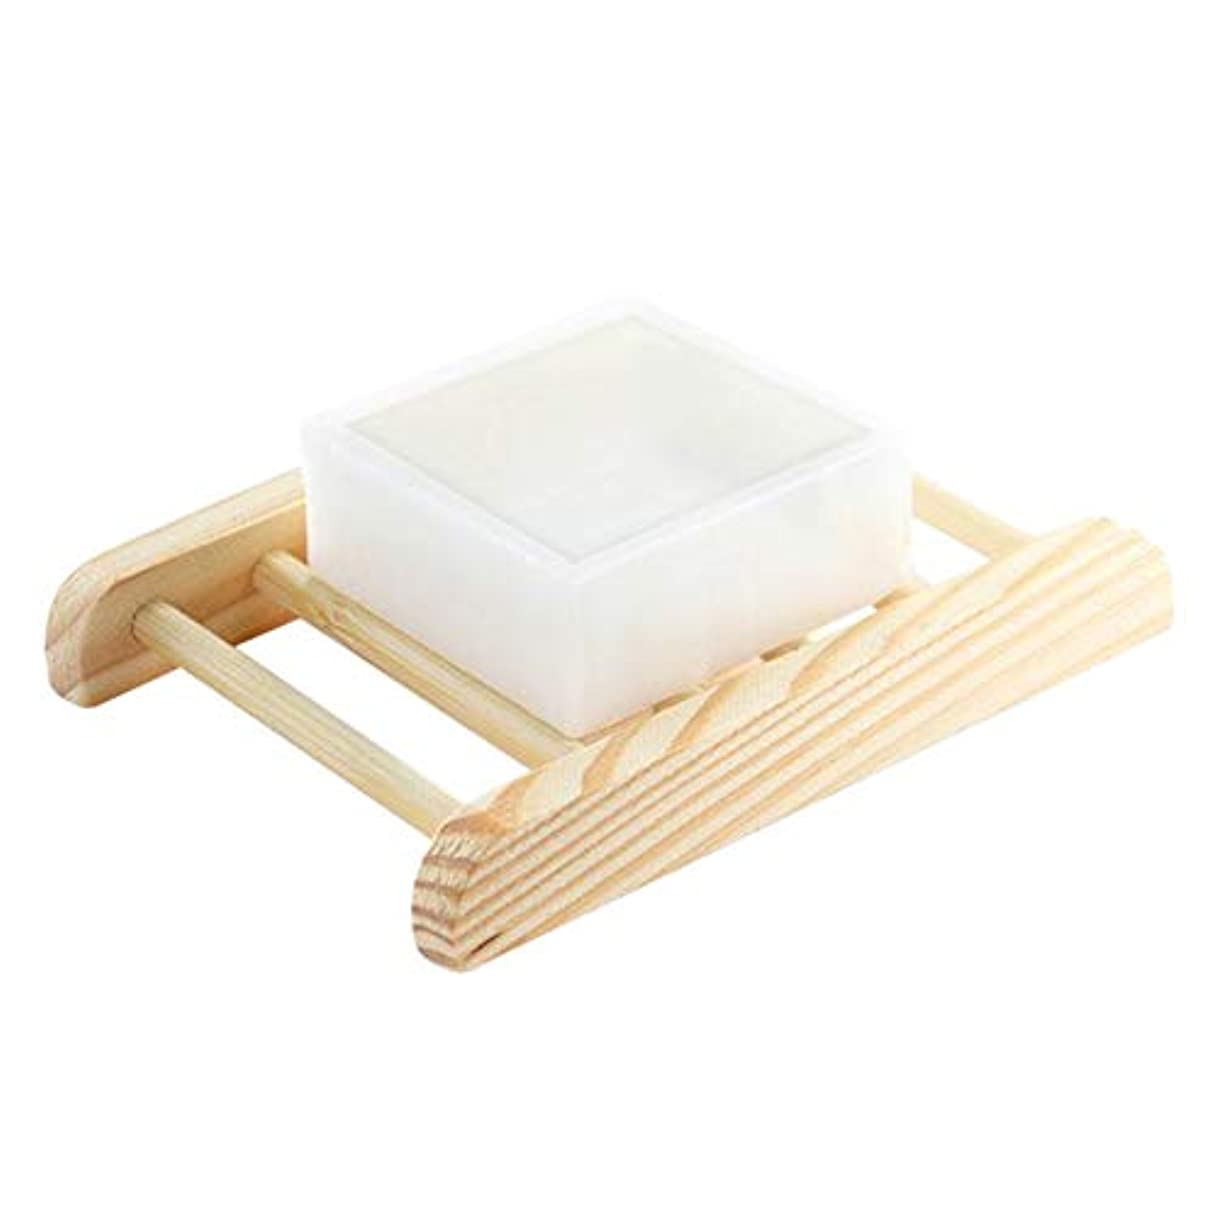 円形なかなかシャンプーKaddima ハンドメイド石鹸発酵ボディネックアームのホワイトニングホワイトニングソープ